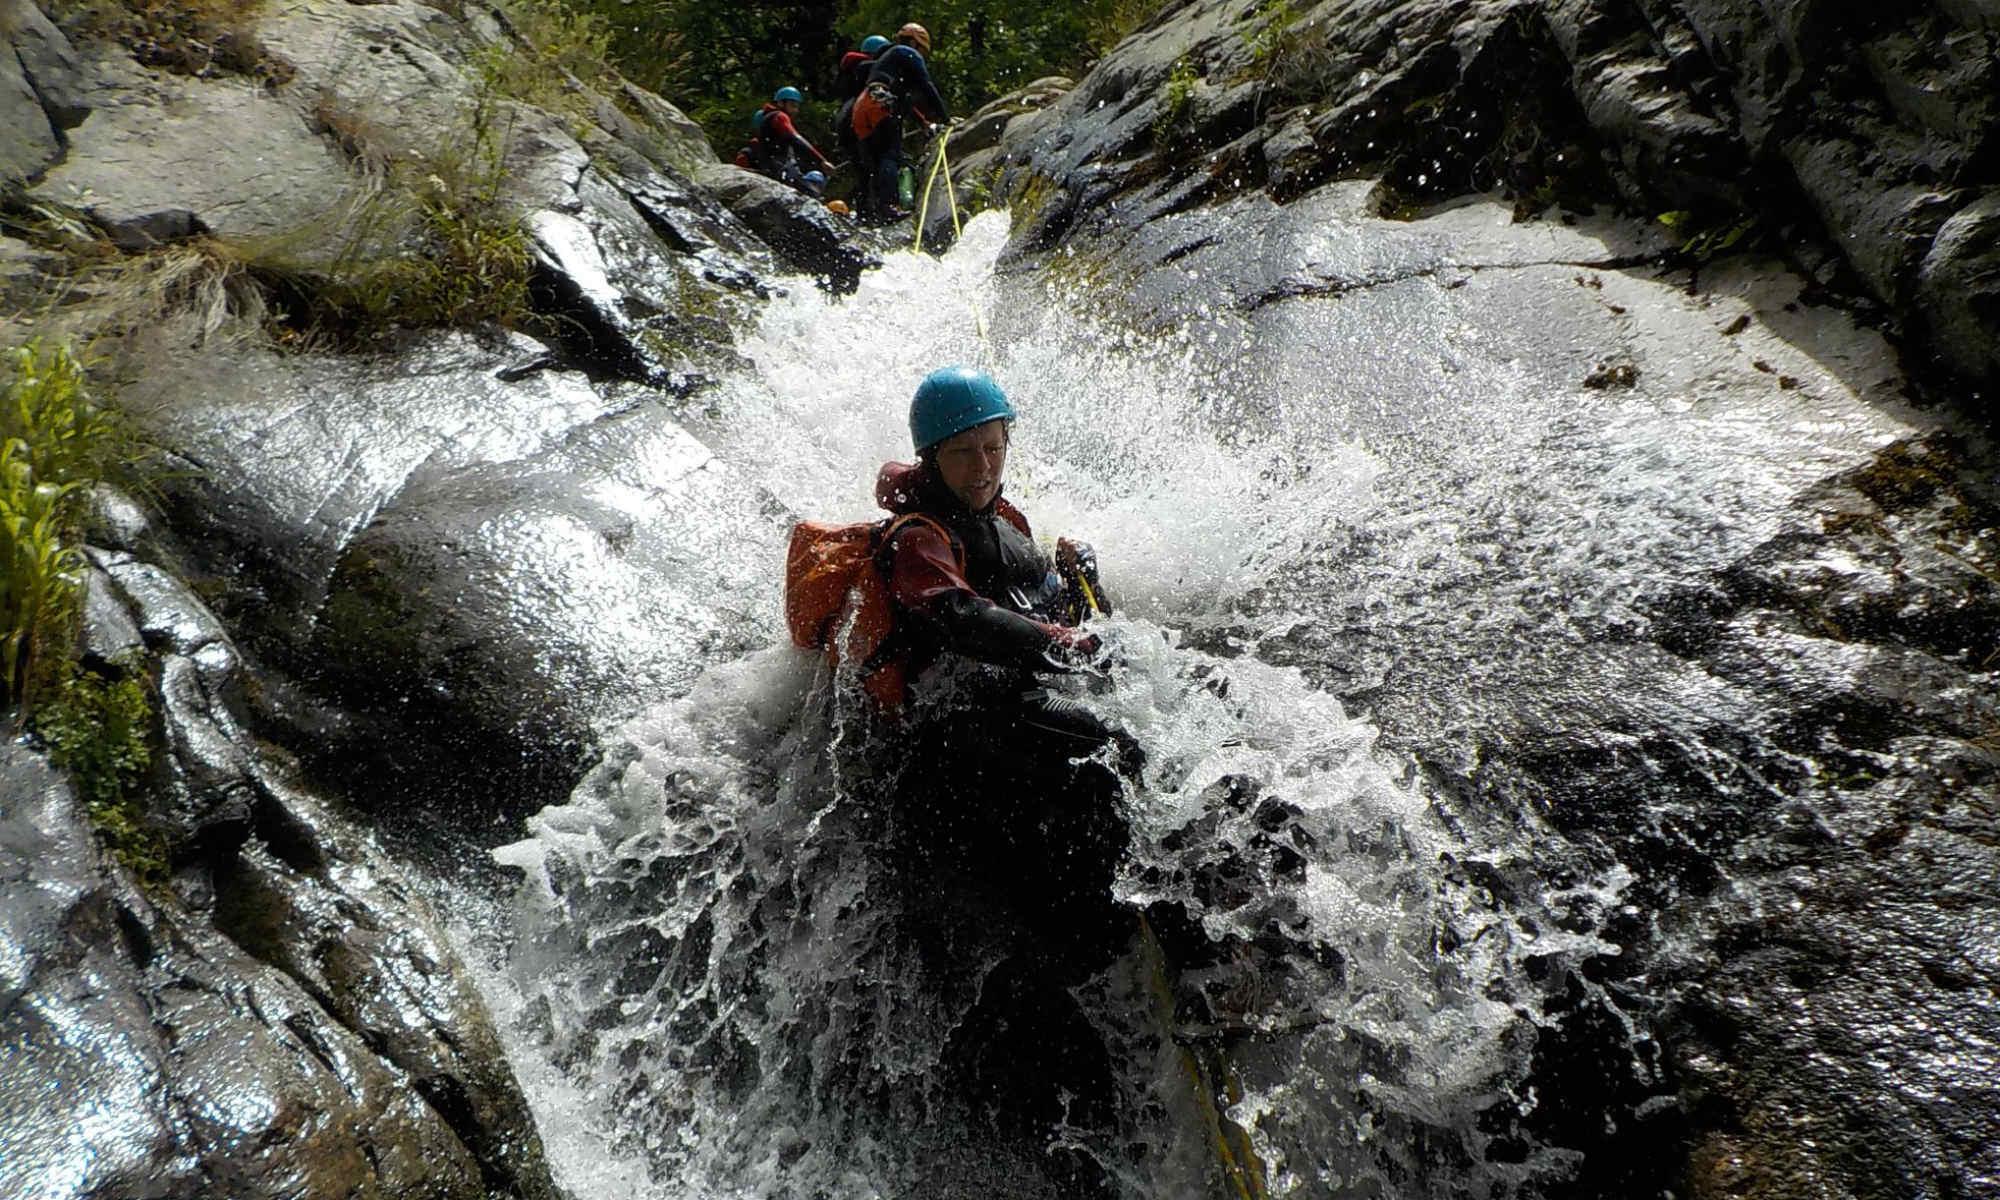 Une jeune femme descend une cascade en rappel dans les Pyrénées.